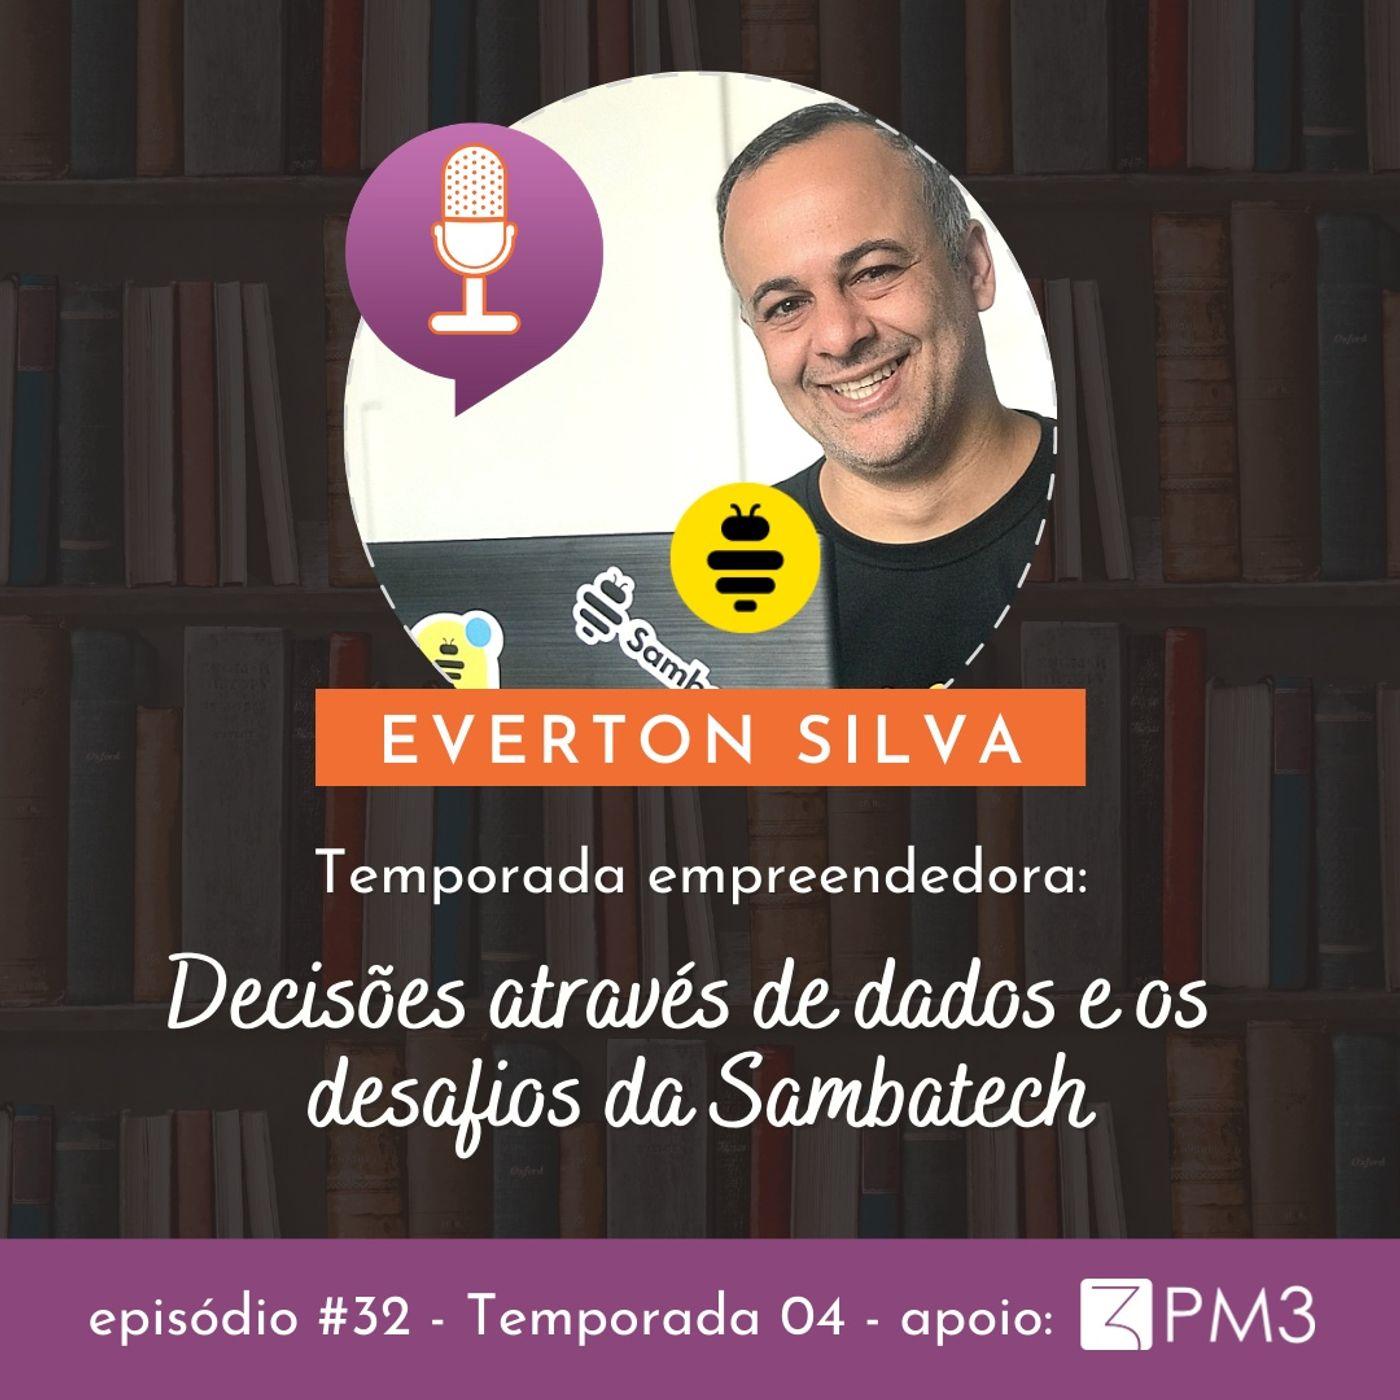 #32 - Decisões através de dados e desafios da Sambatech com Everton Silva